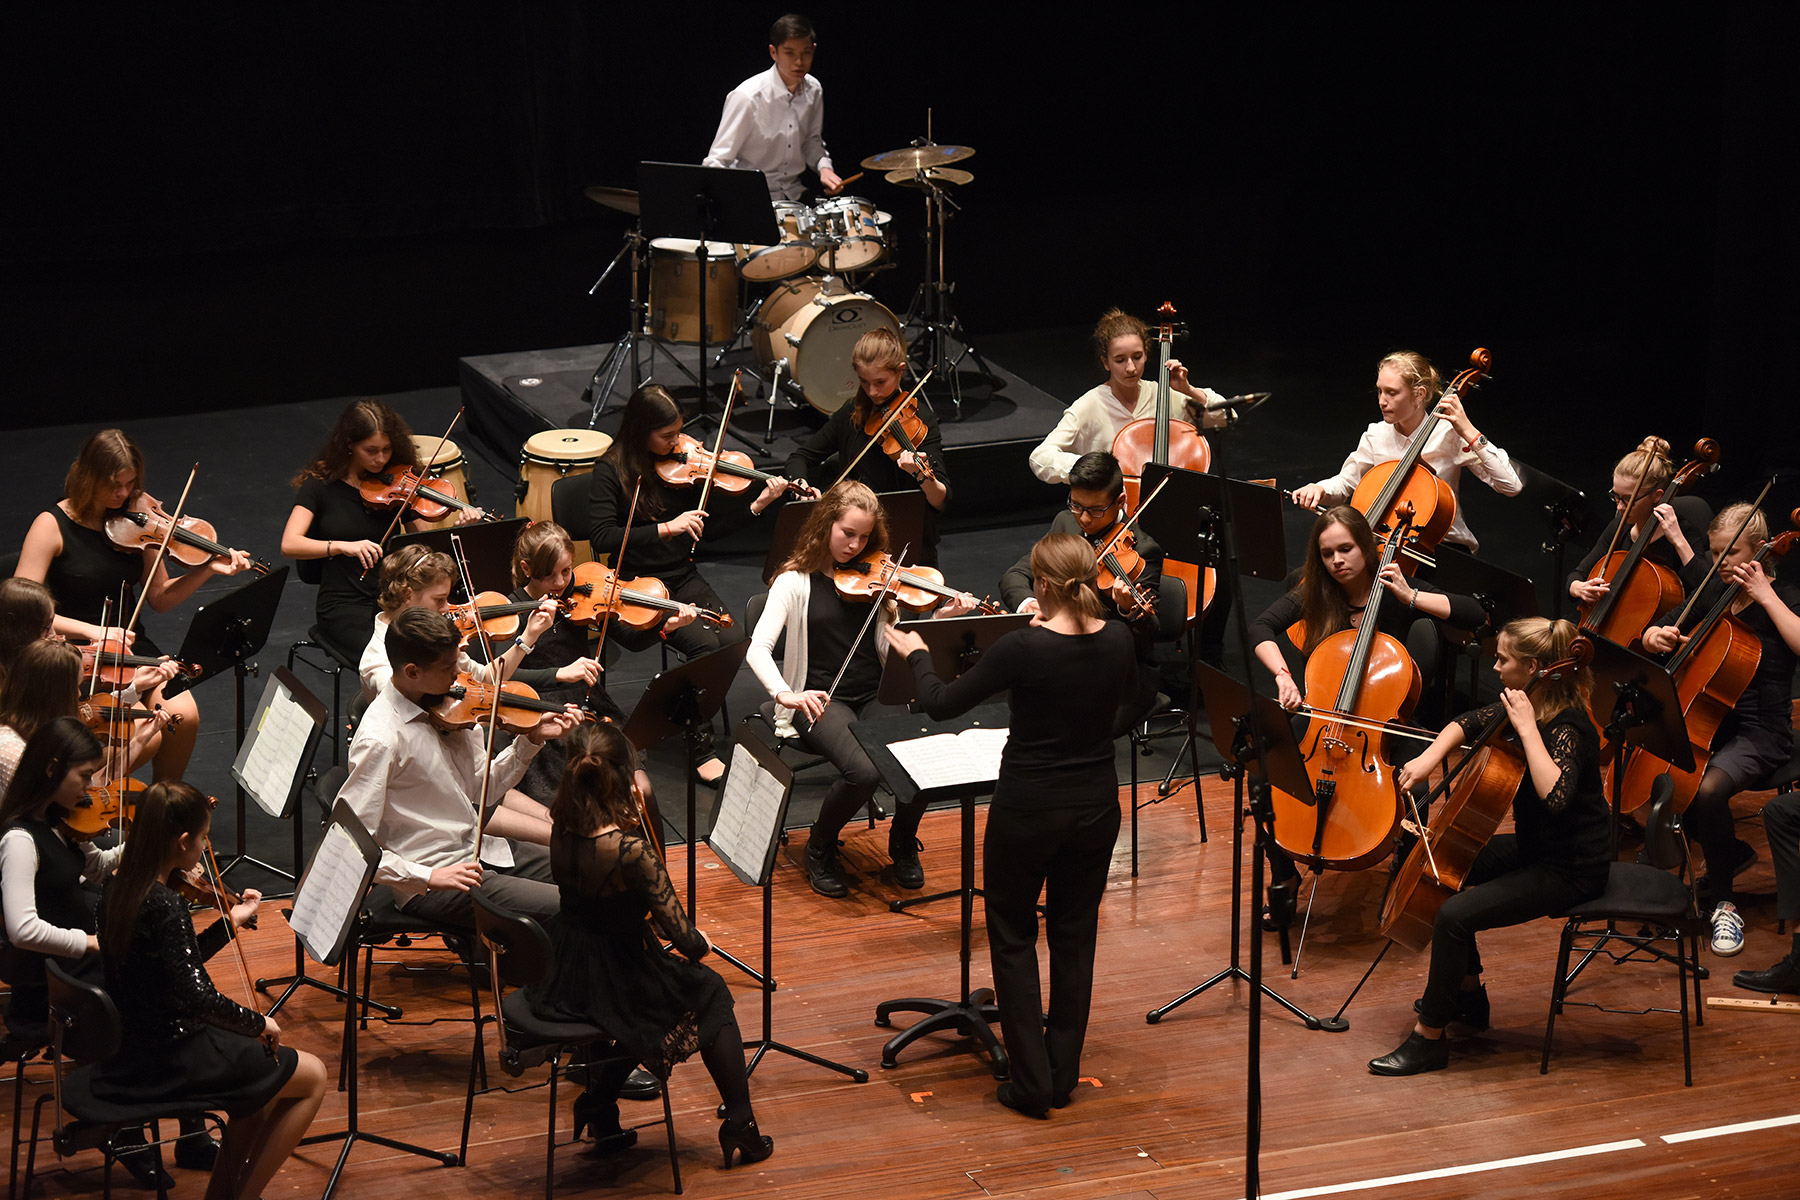 Flitzebögen der Städtischen Musikschule